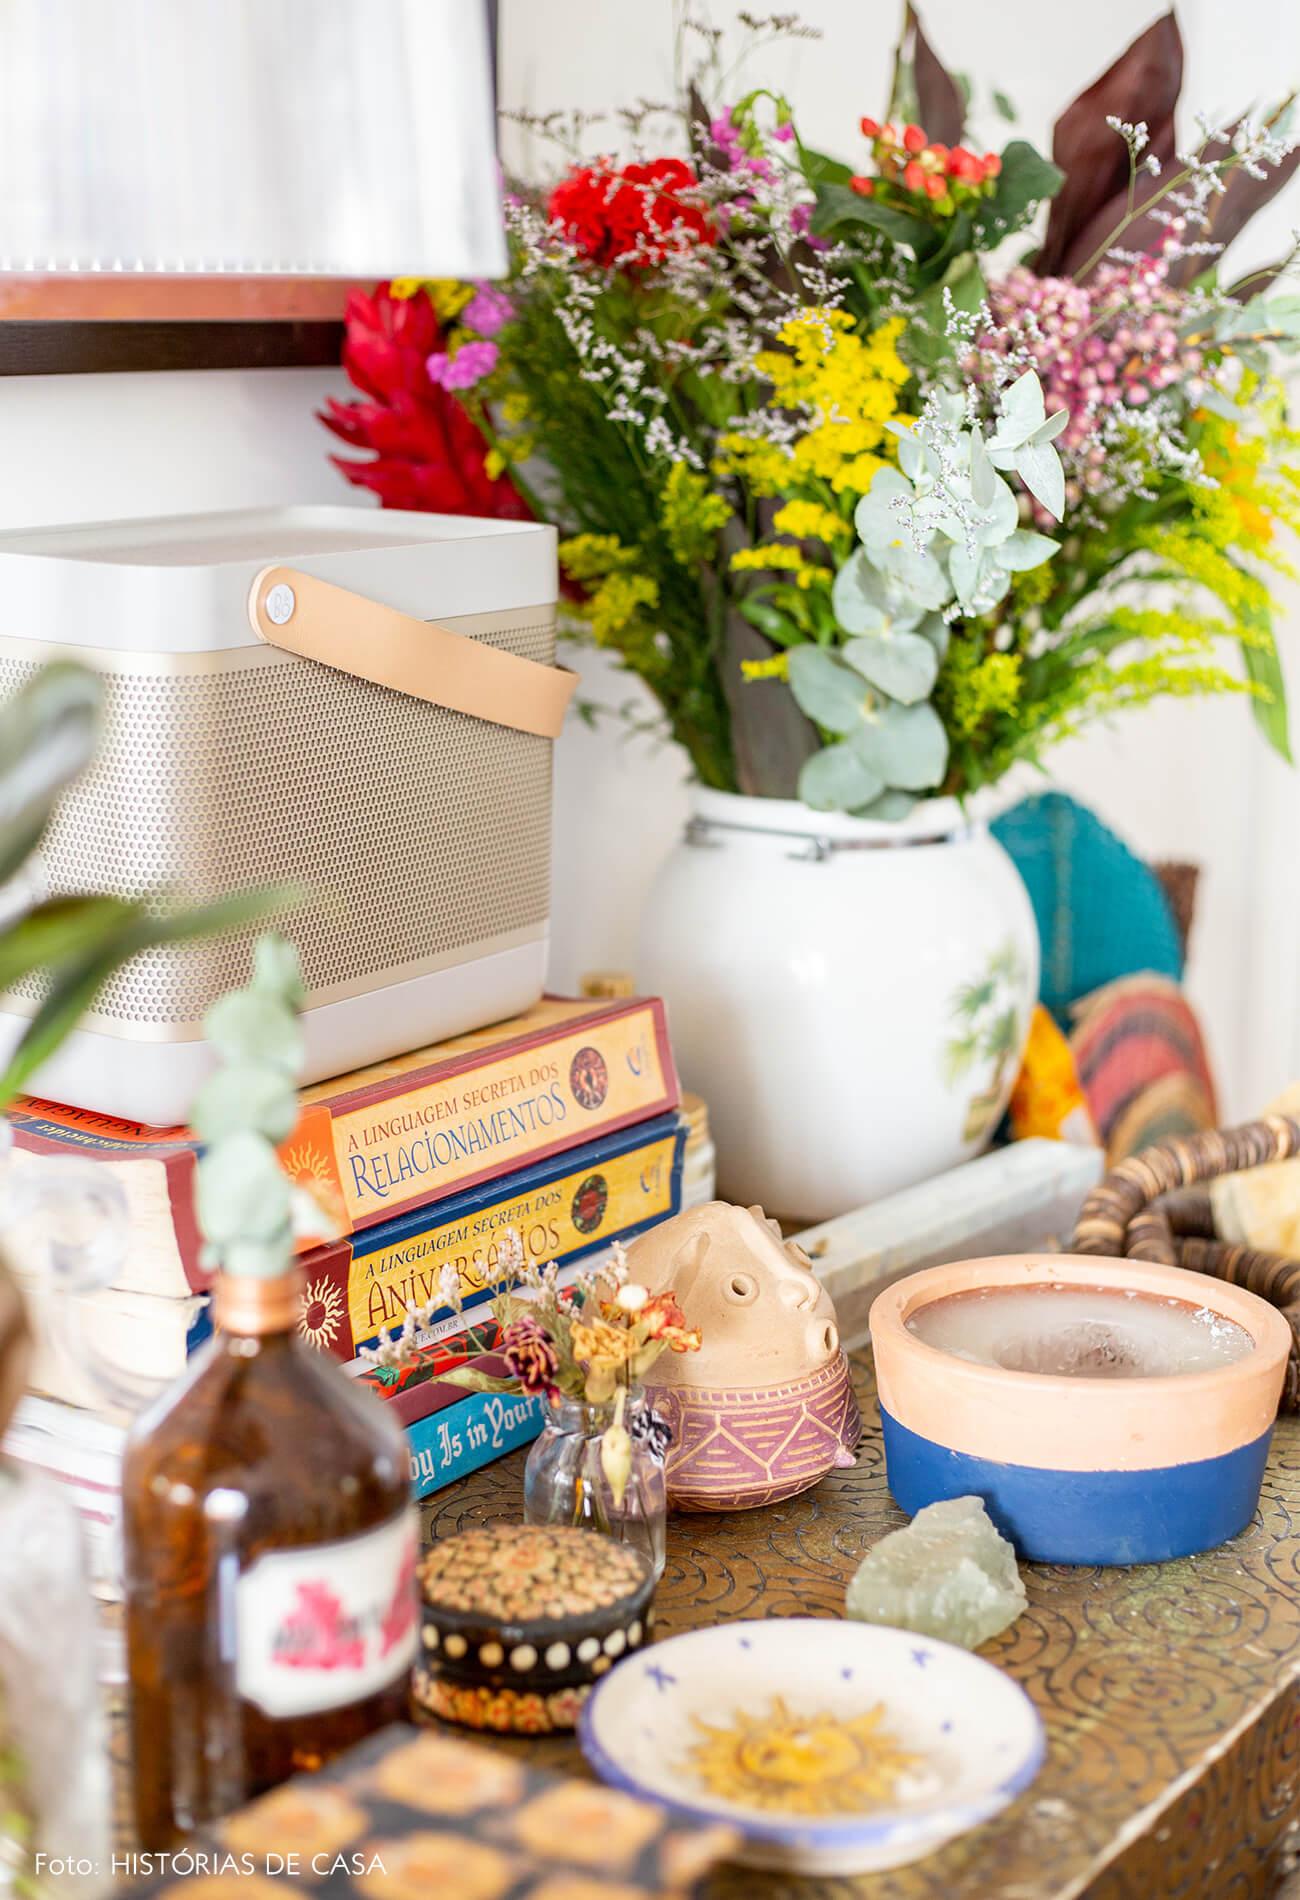 detalhes-em-estante-com-arranjo-flores